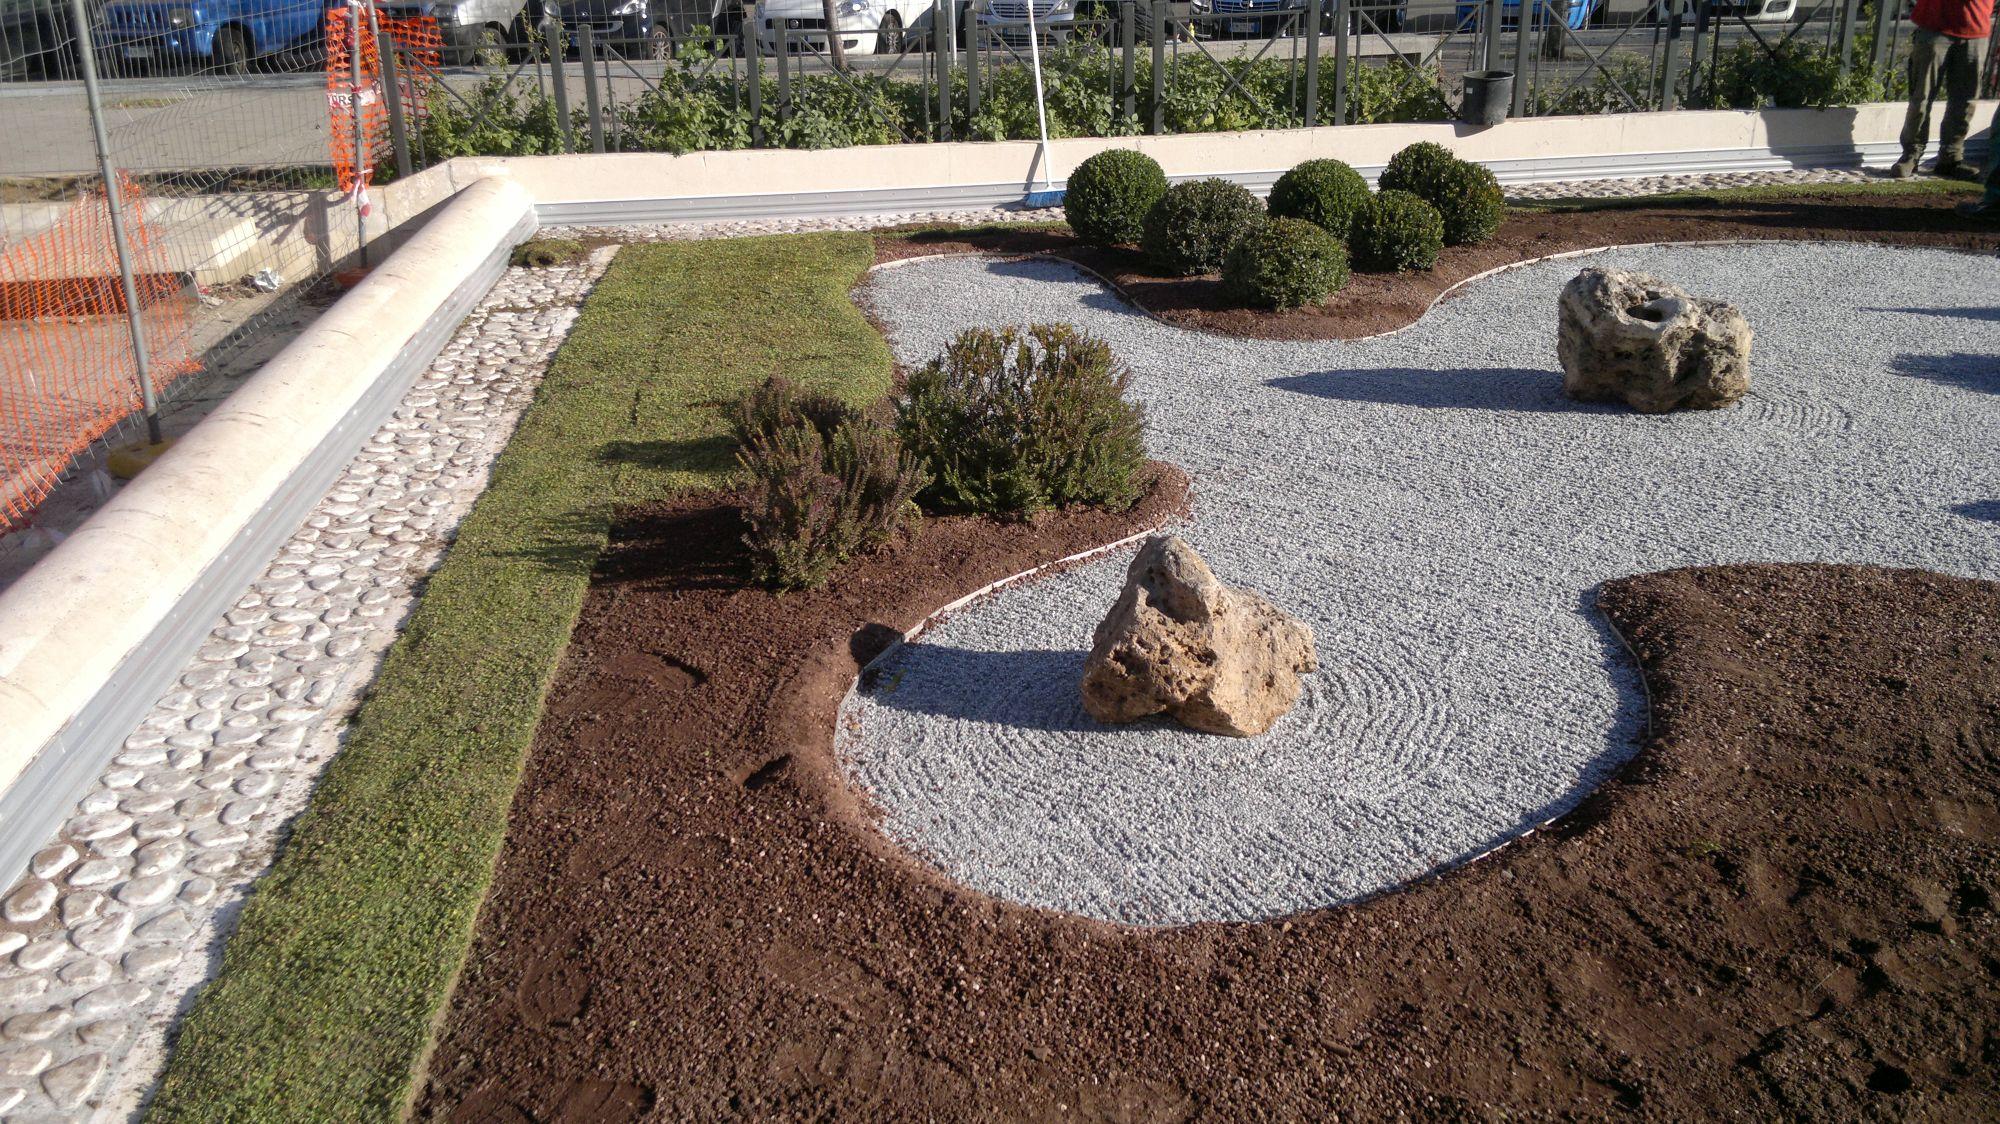 Municipio v oggi l 39 inaugurazione del giardino zen di for Il giardino di zen